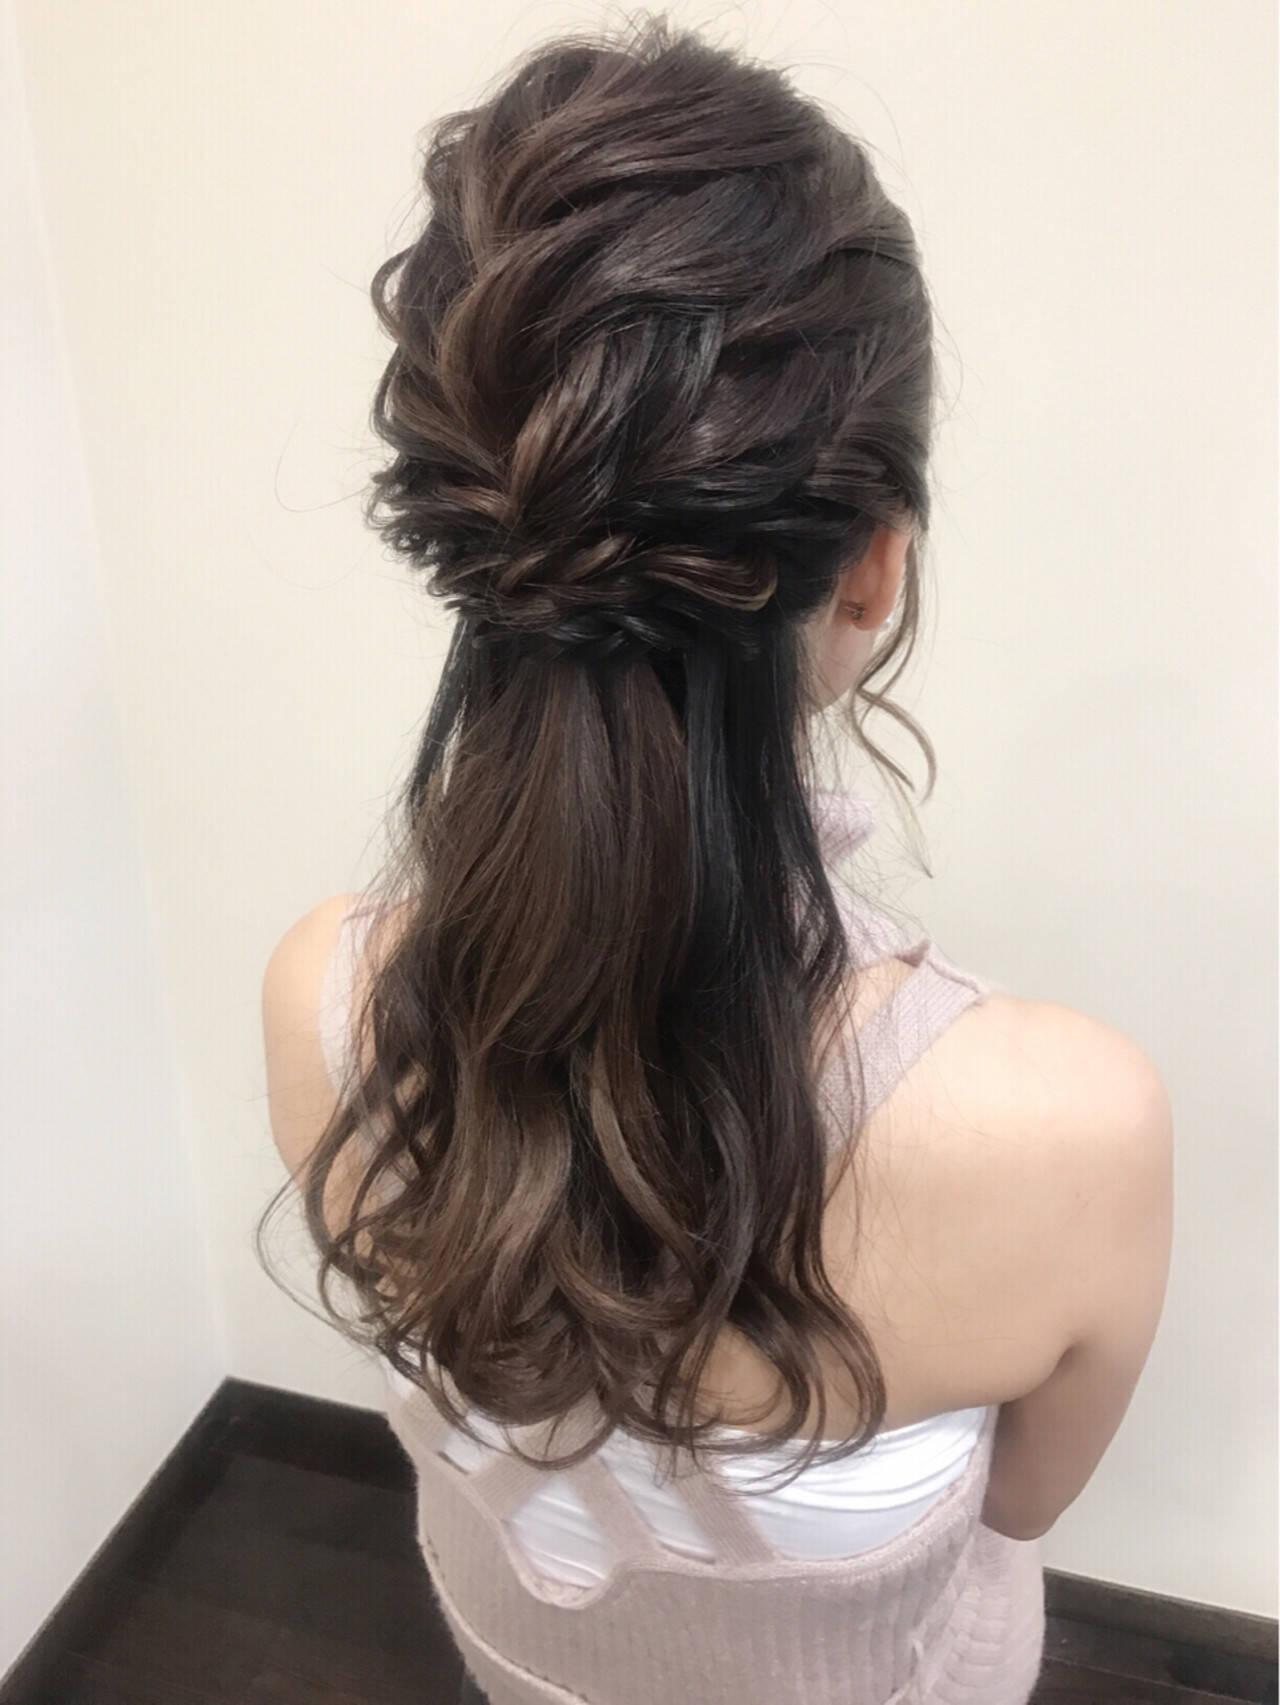 デート フェミニン ハーフアップ ヘアアレンジヘアスタイルや髪型の写真・画像